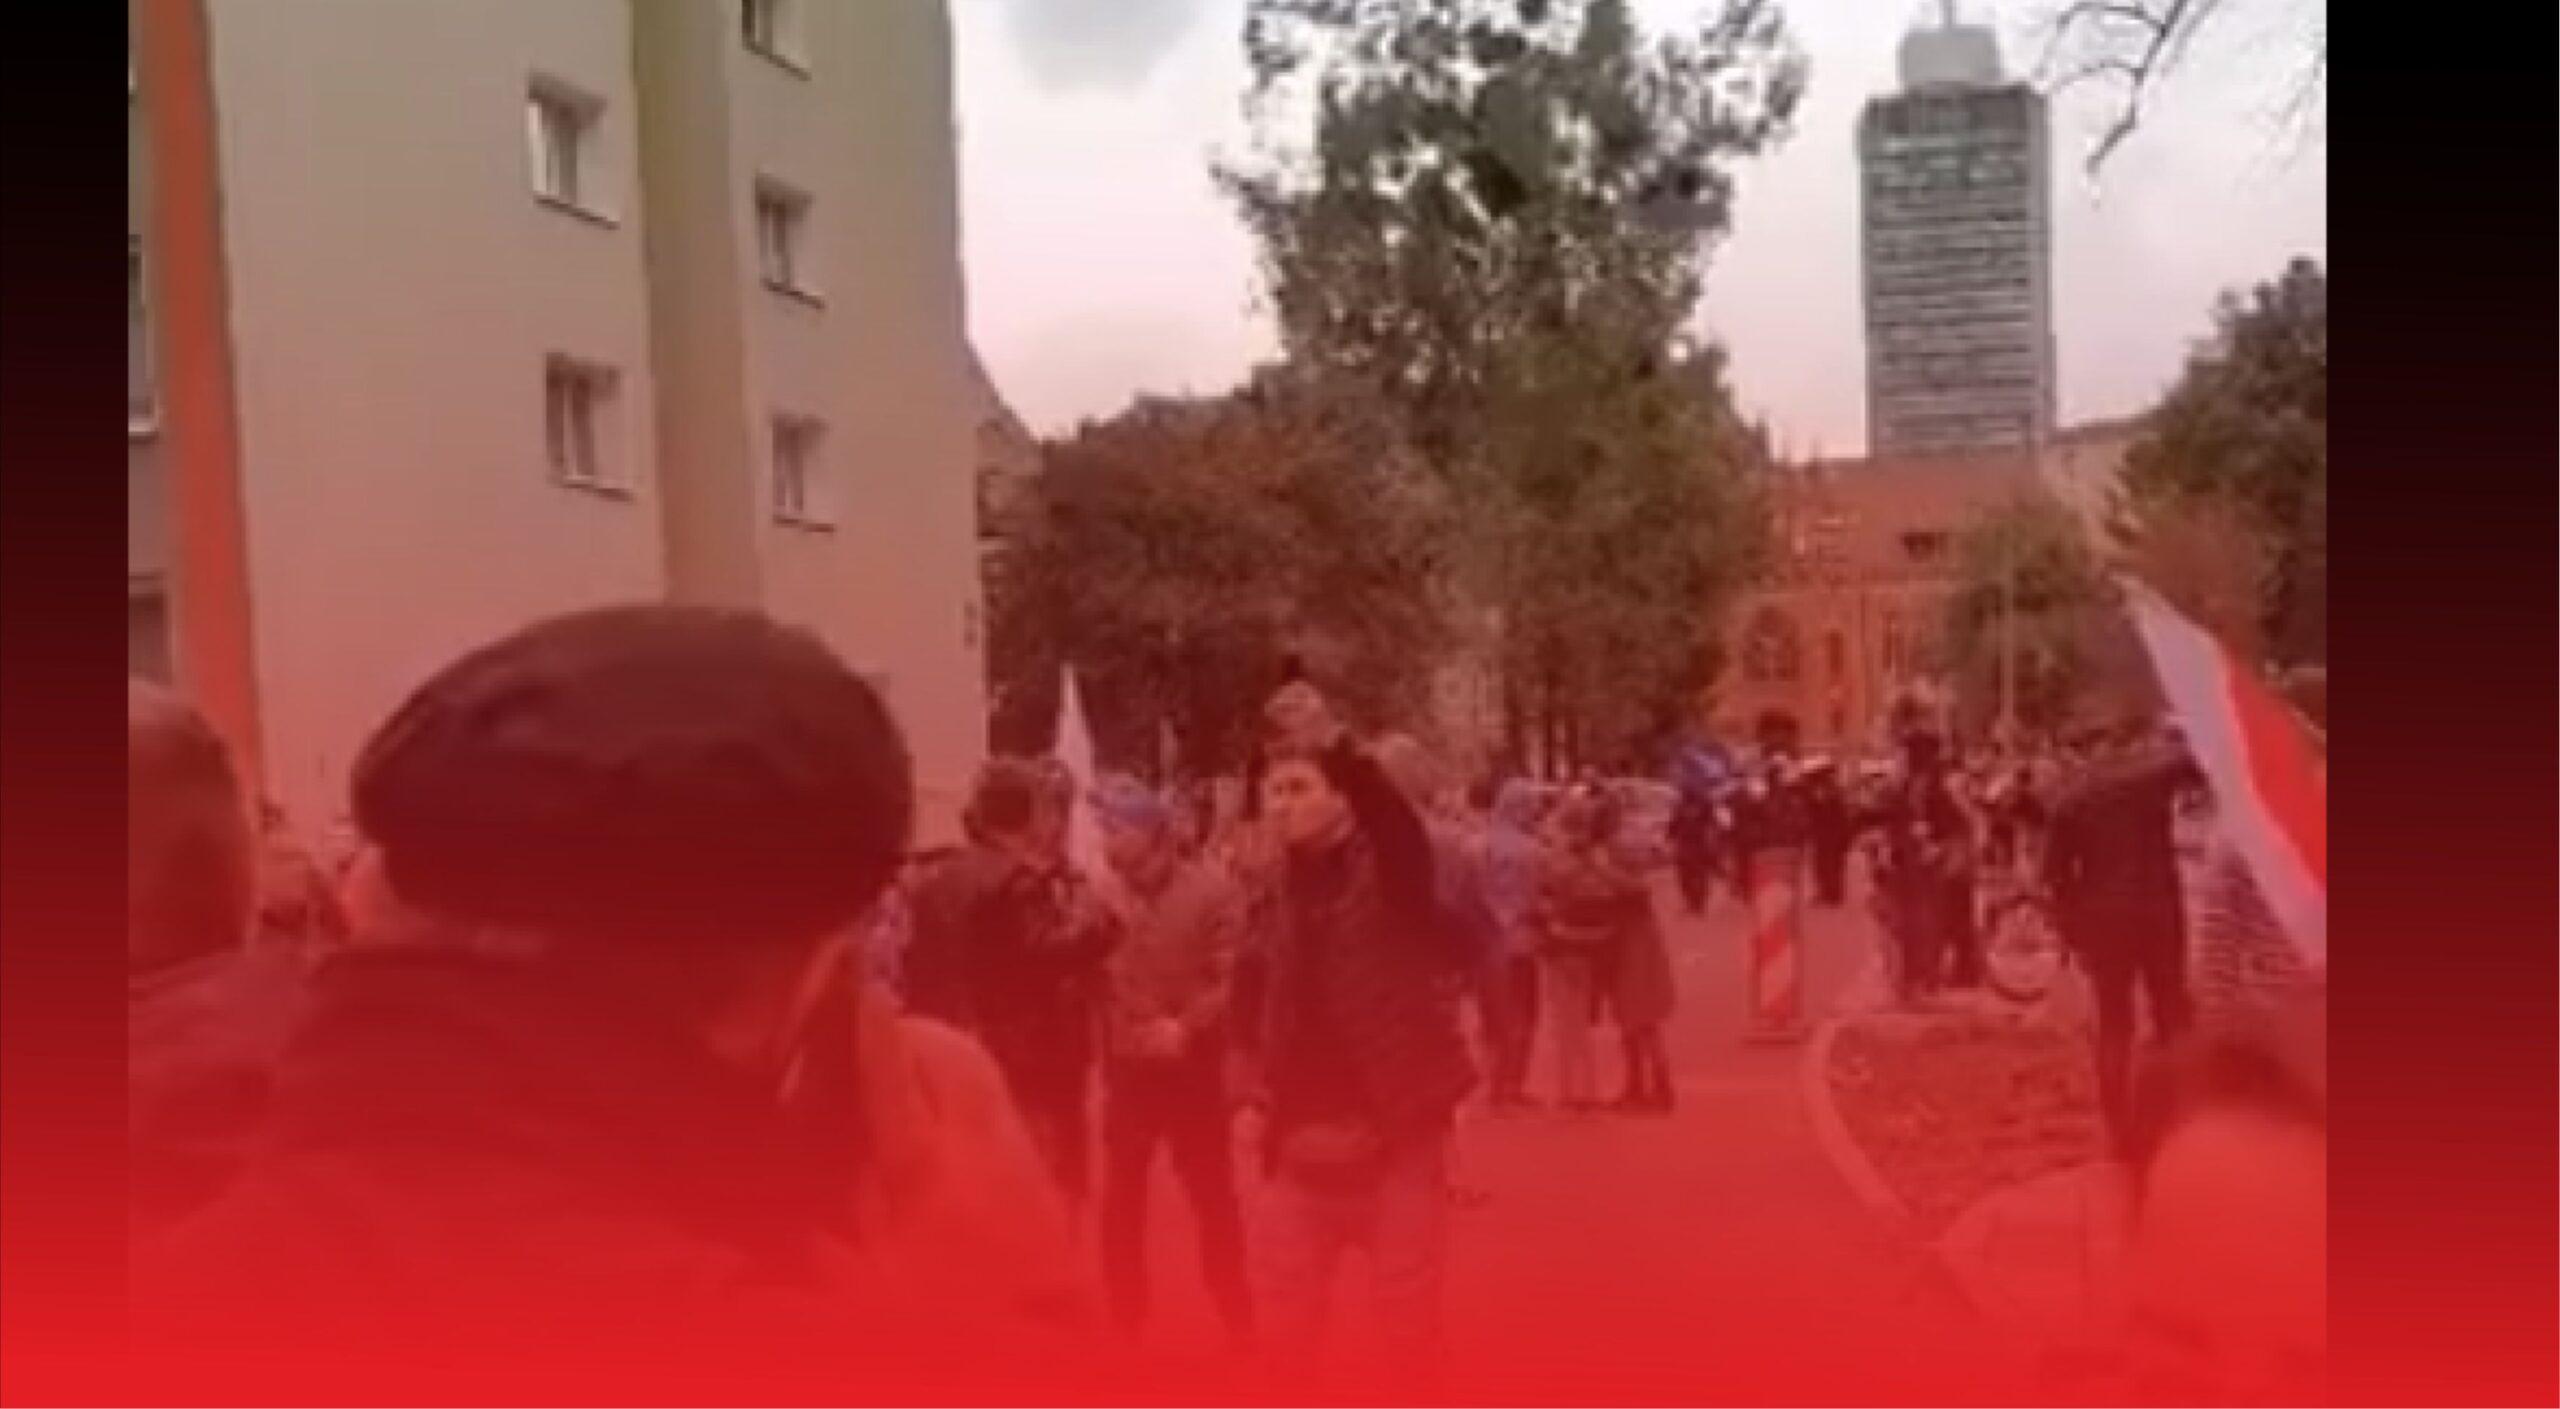 """W całym kraju odbył się """"Marsz o Wolność"""", miało miejsce starcie z policją, użyto wobec ludzi gazu pieprzowego, będą wnioski o ukaranie"""